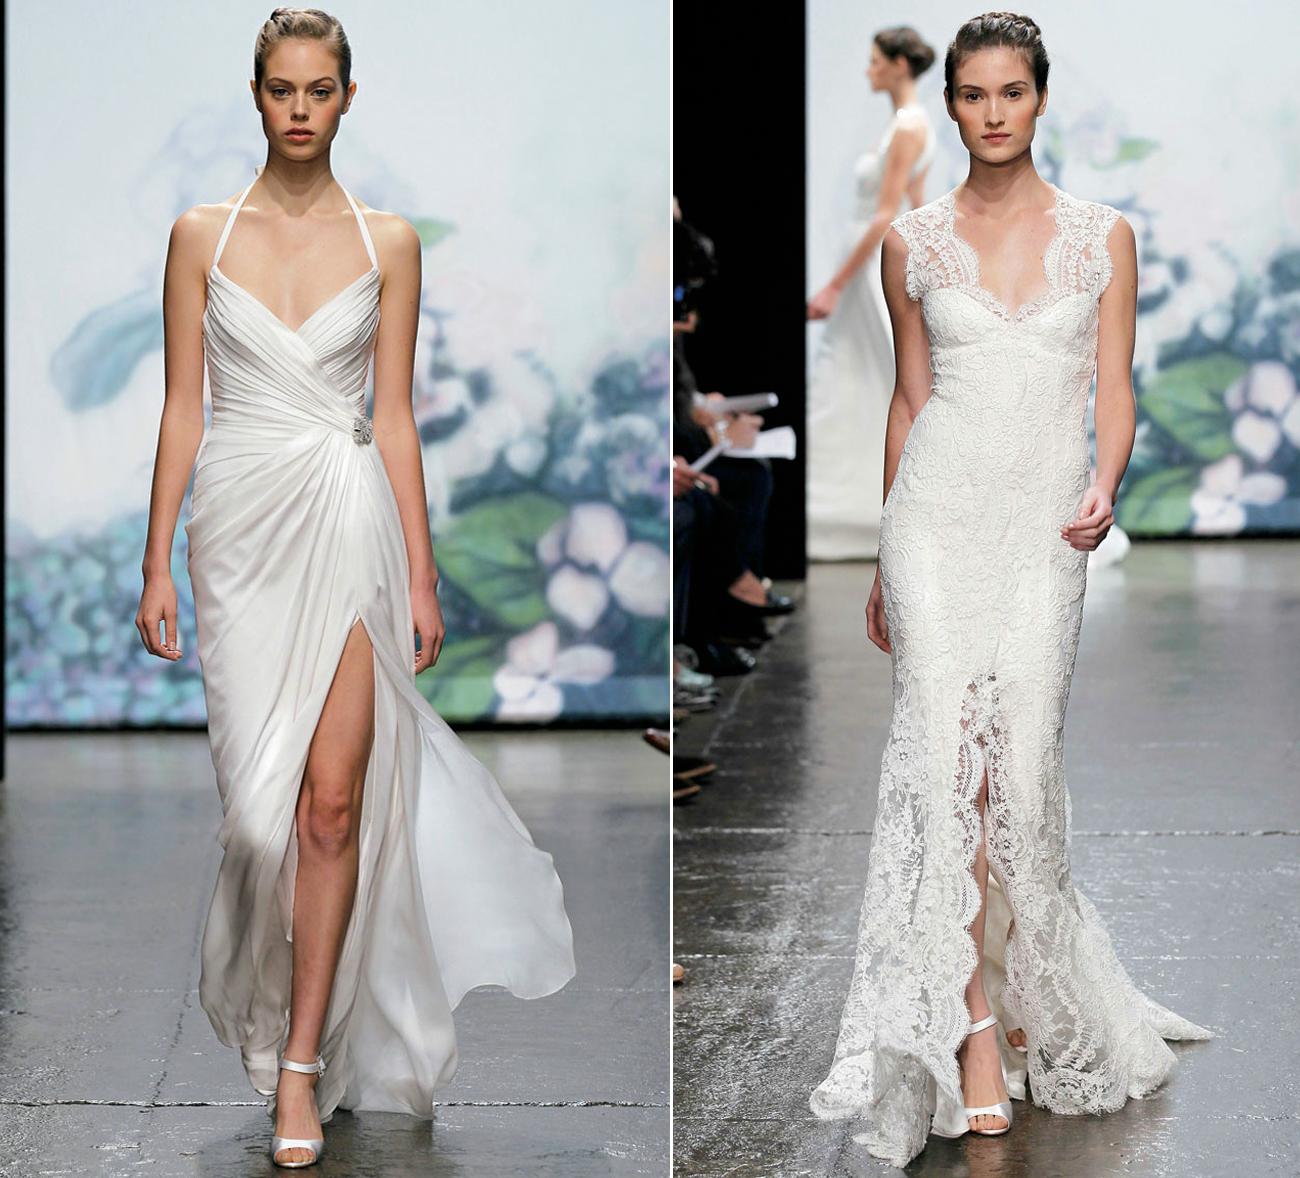 2012 wedding dress trends monique lhuillier bridal gowns for Buy monique lhuillier wedding dress